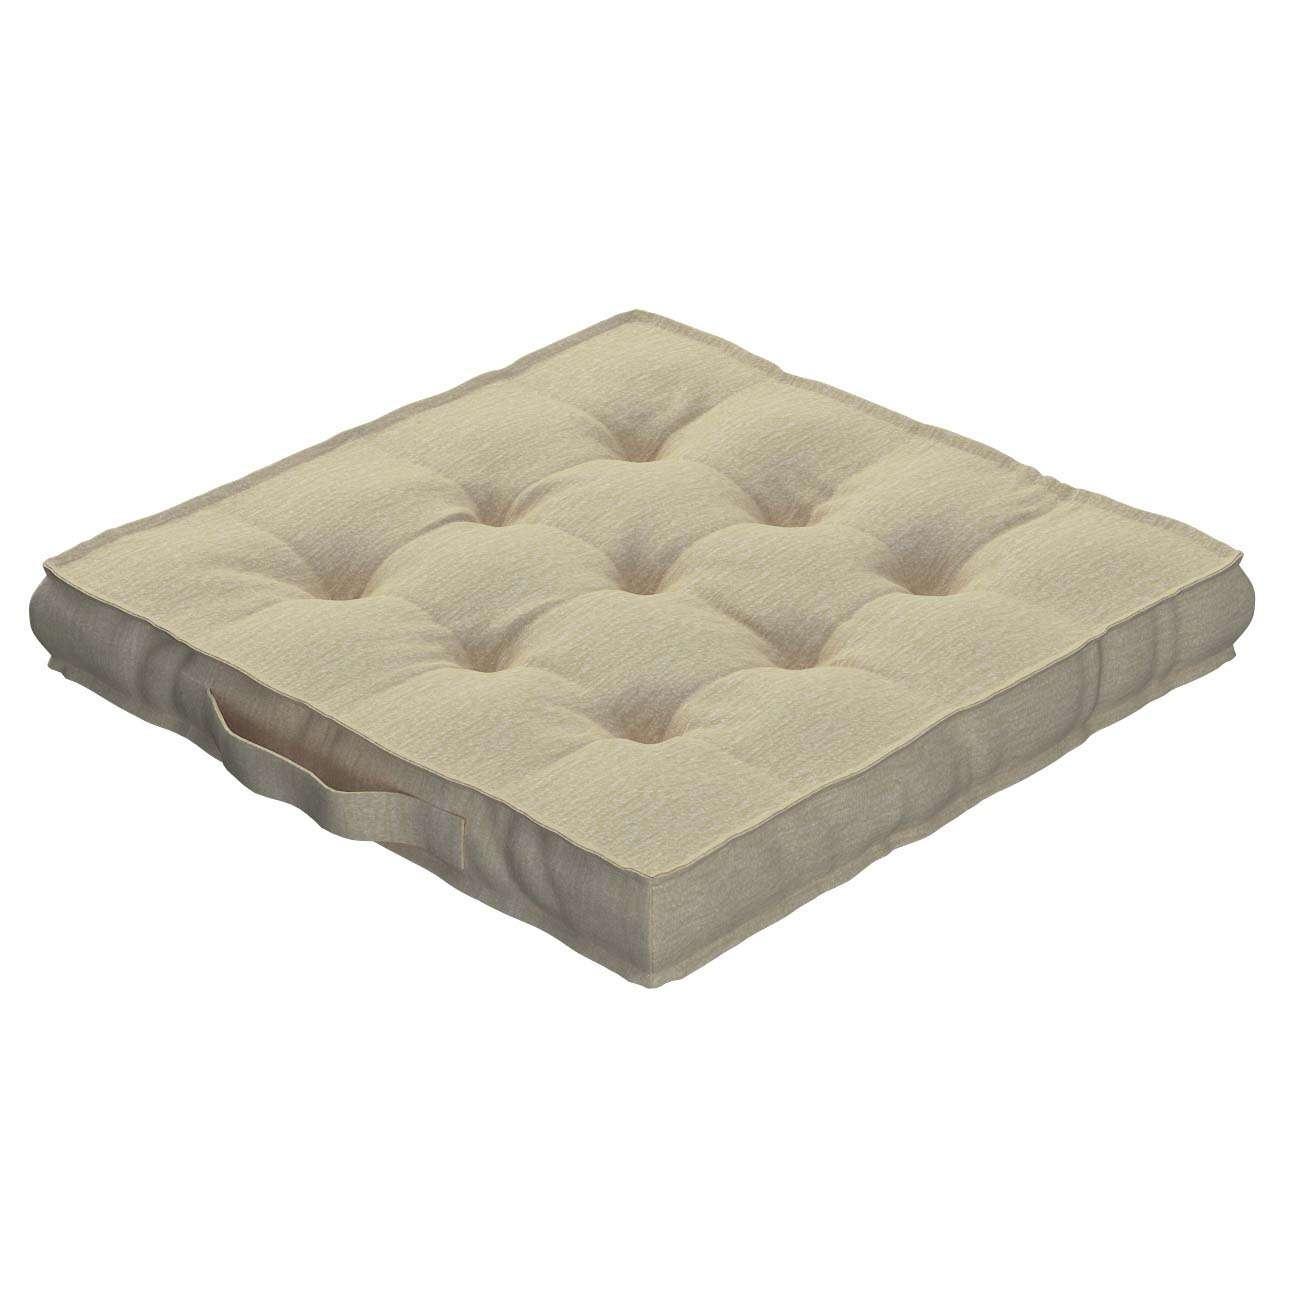 Pagalvėlė Kuba kėdei/ant grindų 40 x 40 x 6 cm kolekcijoje Chenille, audinys: 702-22